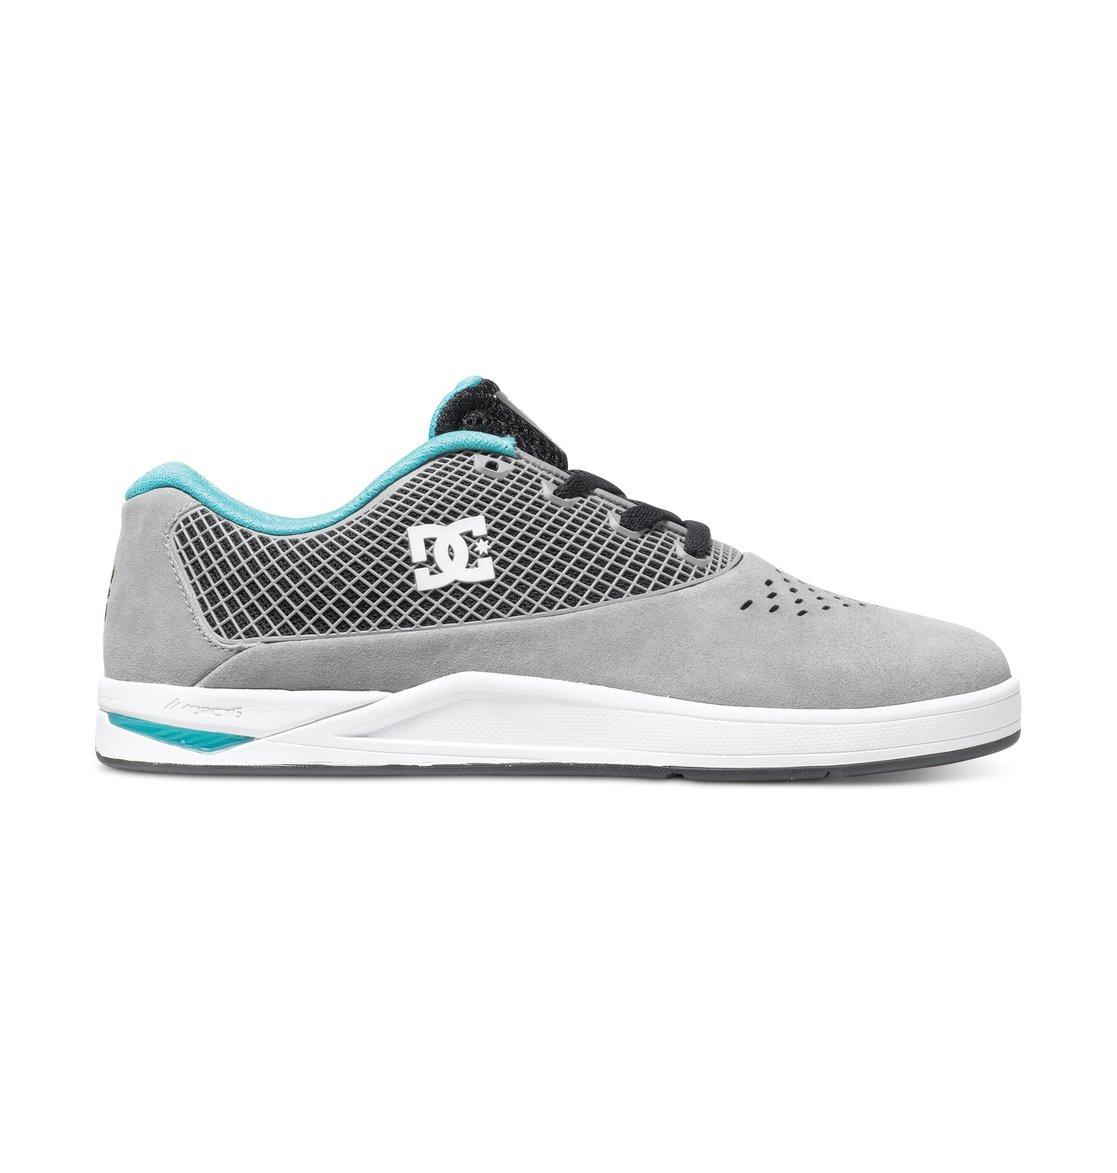 N2 S от DC Shoes